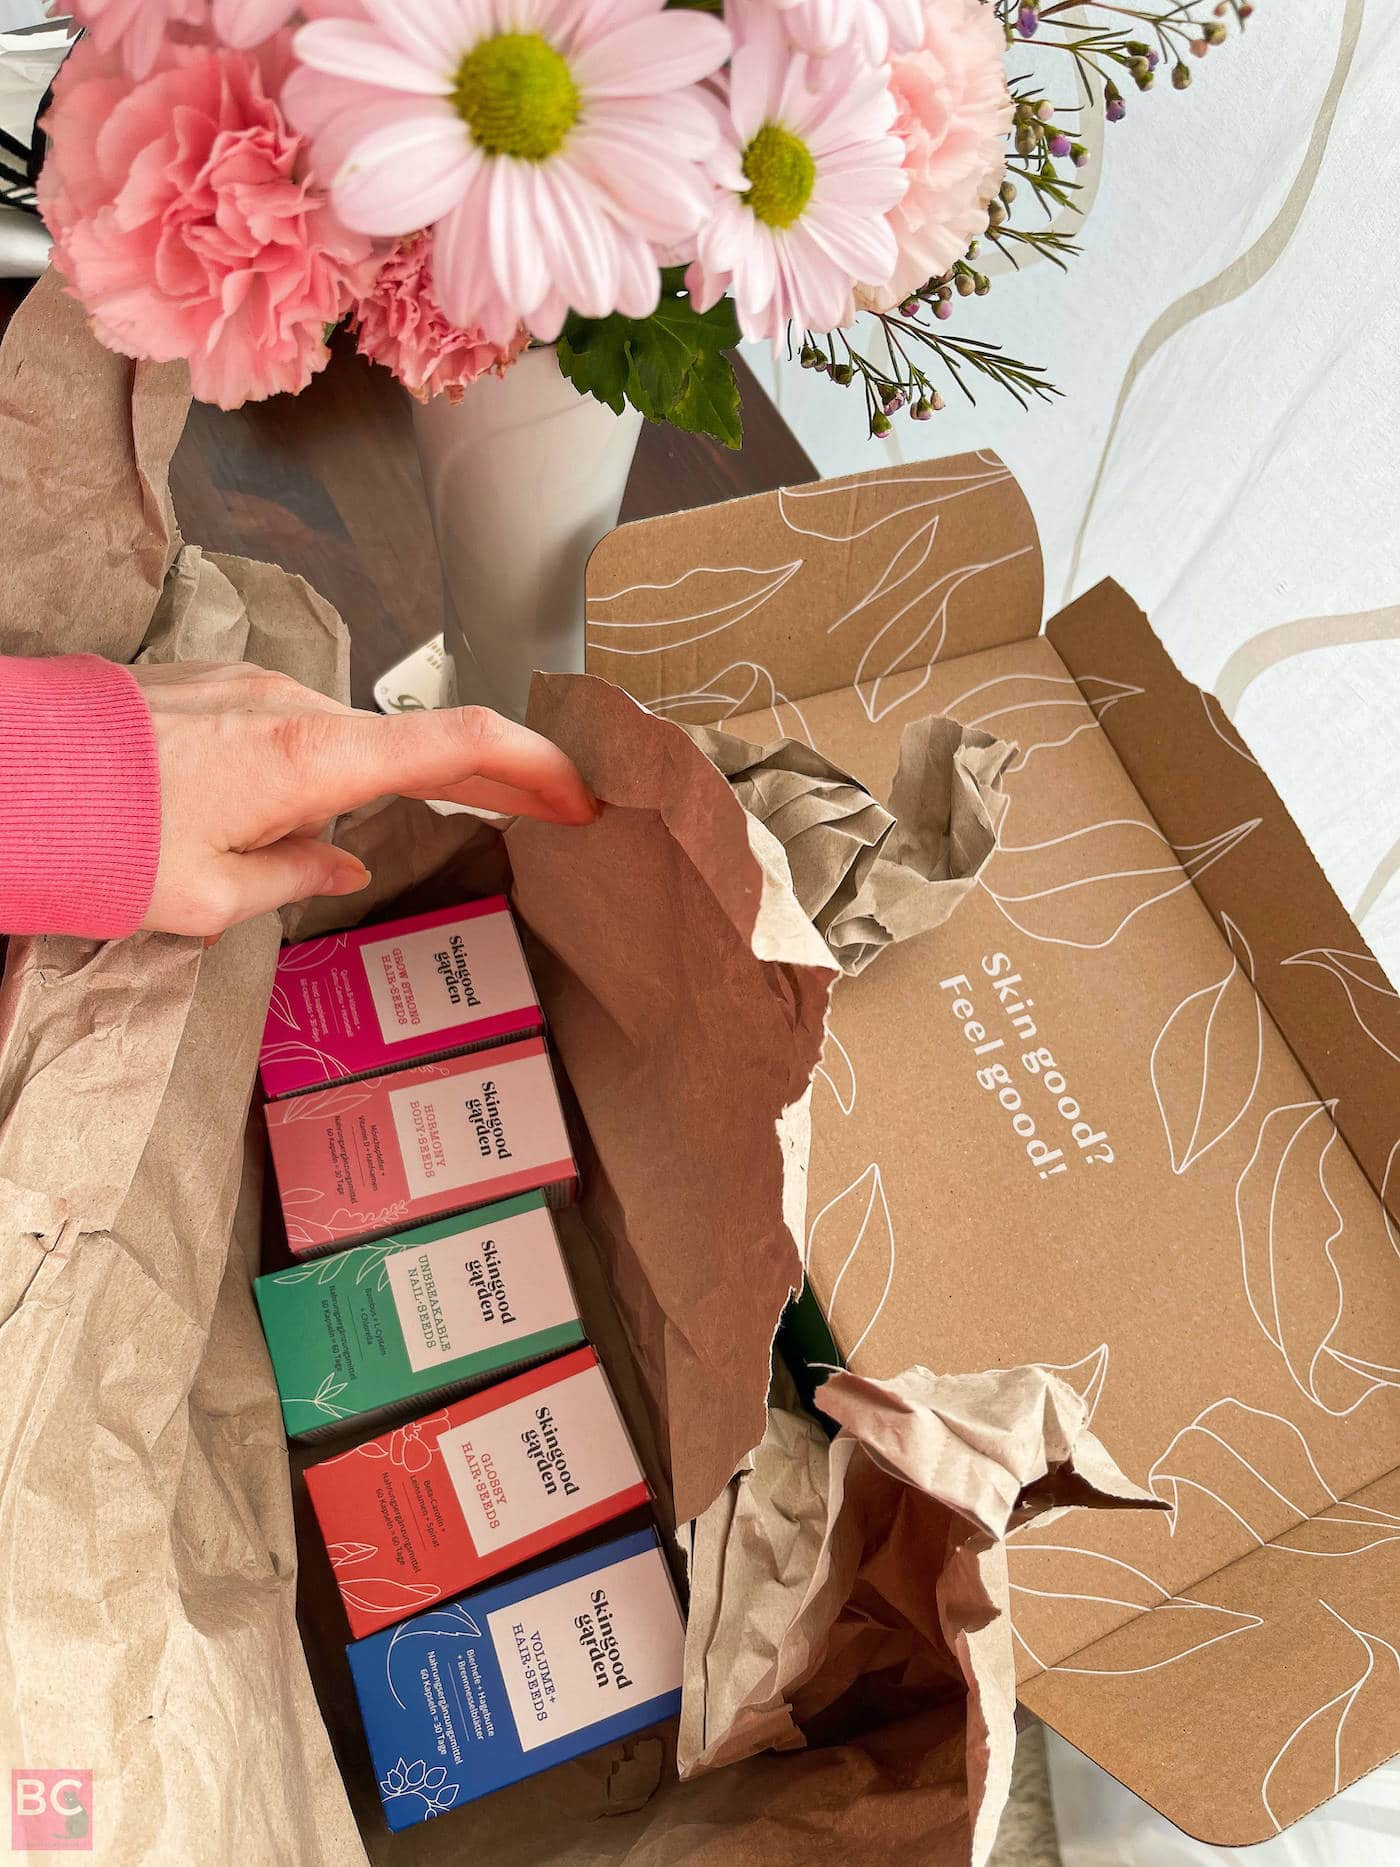 Skingood Garden Erfahrungen Verpackung und Versand Versandmaterial Karton innen